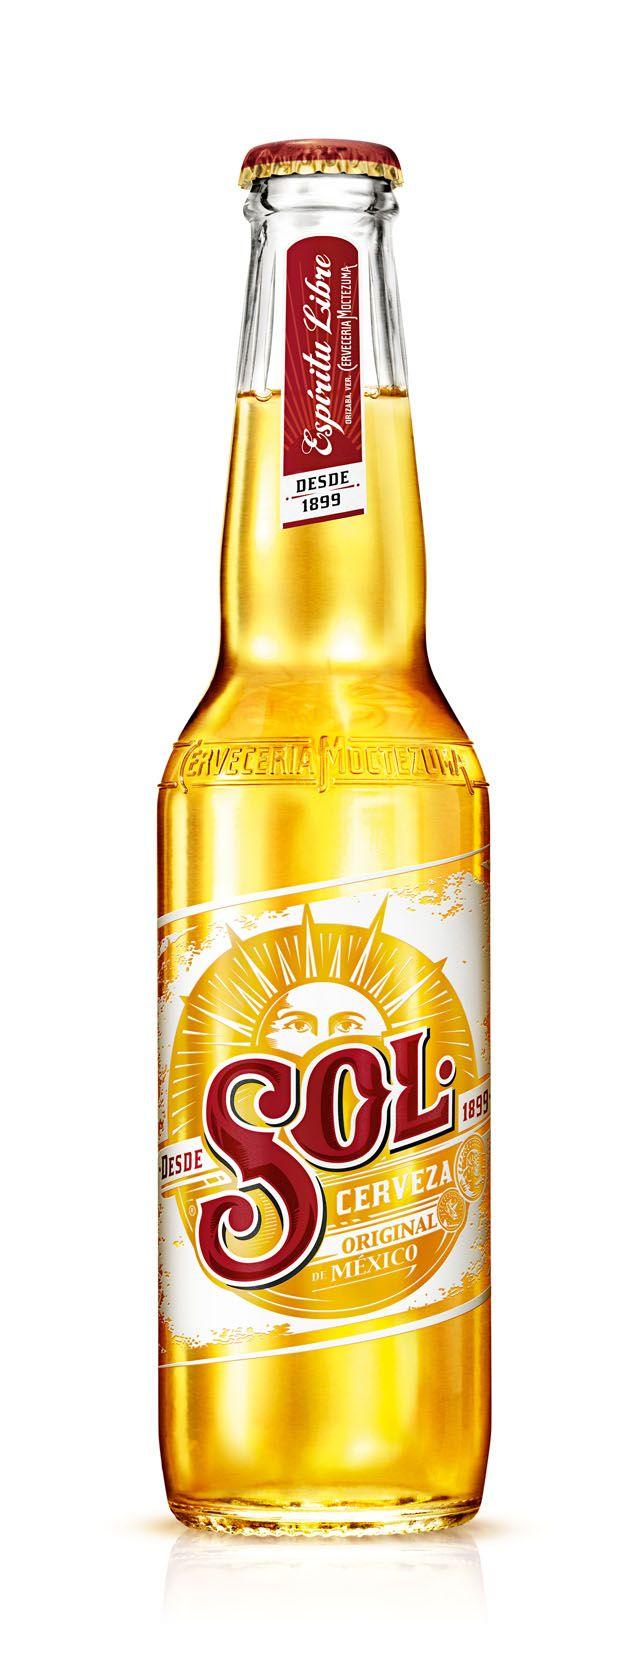 El nuevo diseño de cerveza sol Internacional